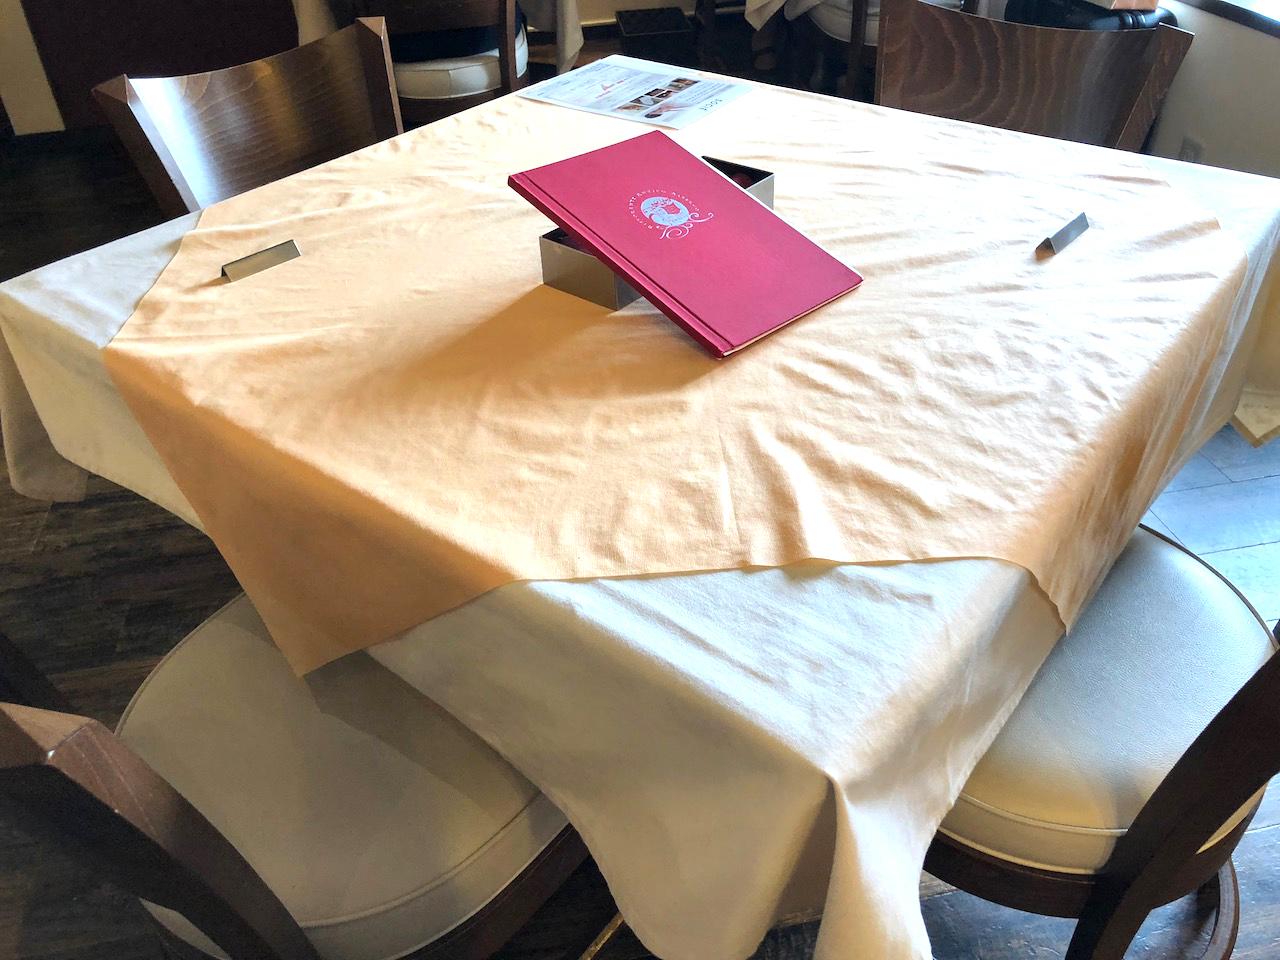 山陽百貨店西館6階の炭焼イタリアン Ristorante Antico Albergo(アンティーコ アルベルゴ)のランチが安くて美味い